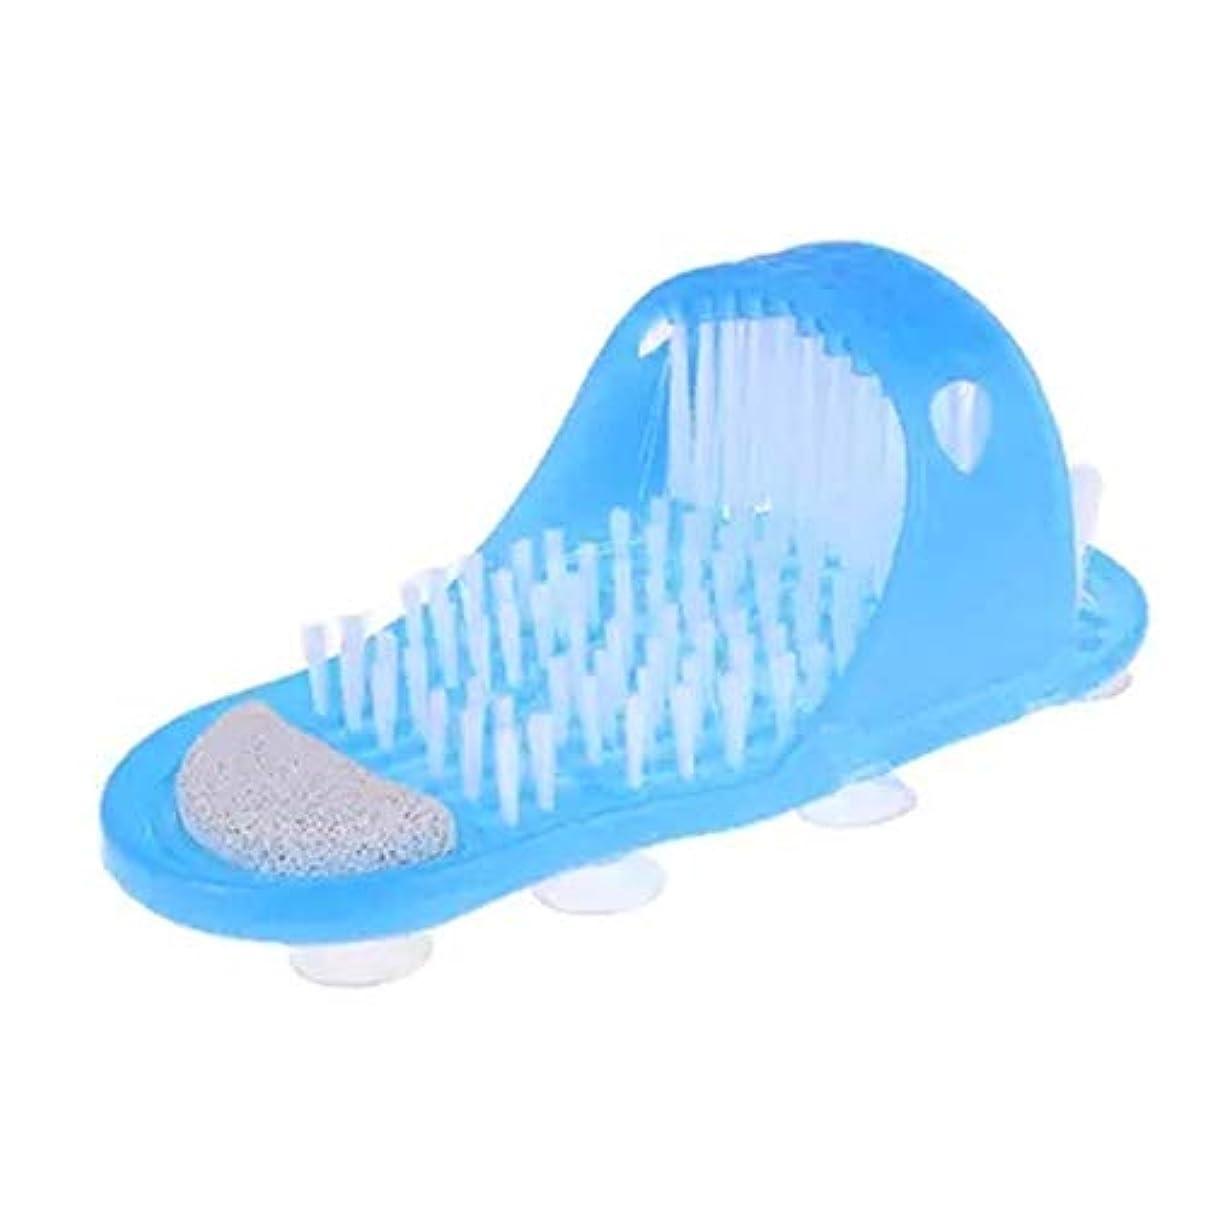 バリーファンブル病弱シャワースパ角質除去足マッサージャースリッパ、入浴靴ブラシ軽石足除去デッドスキンフットケアツール、1ピース